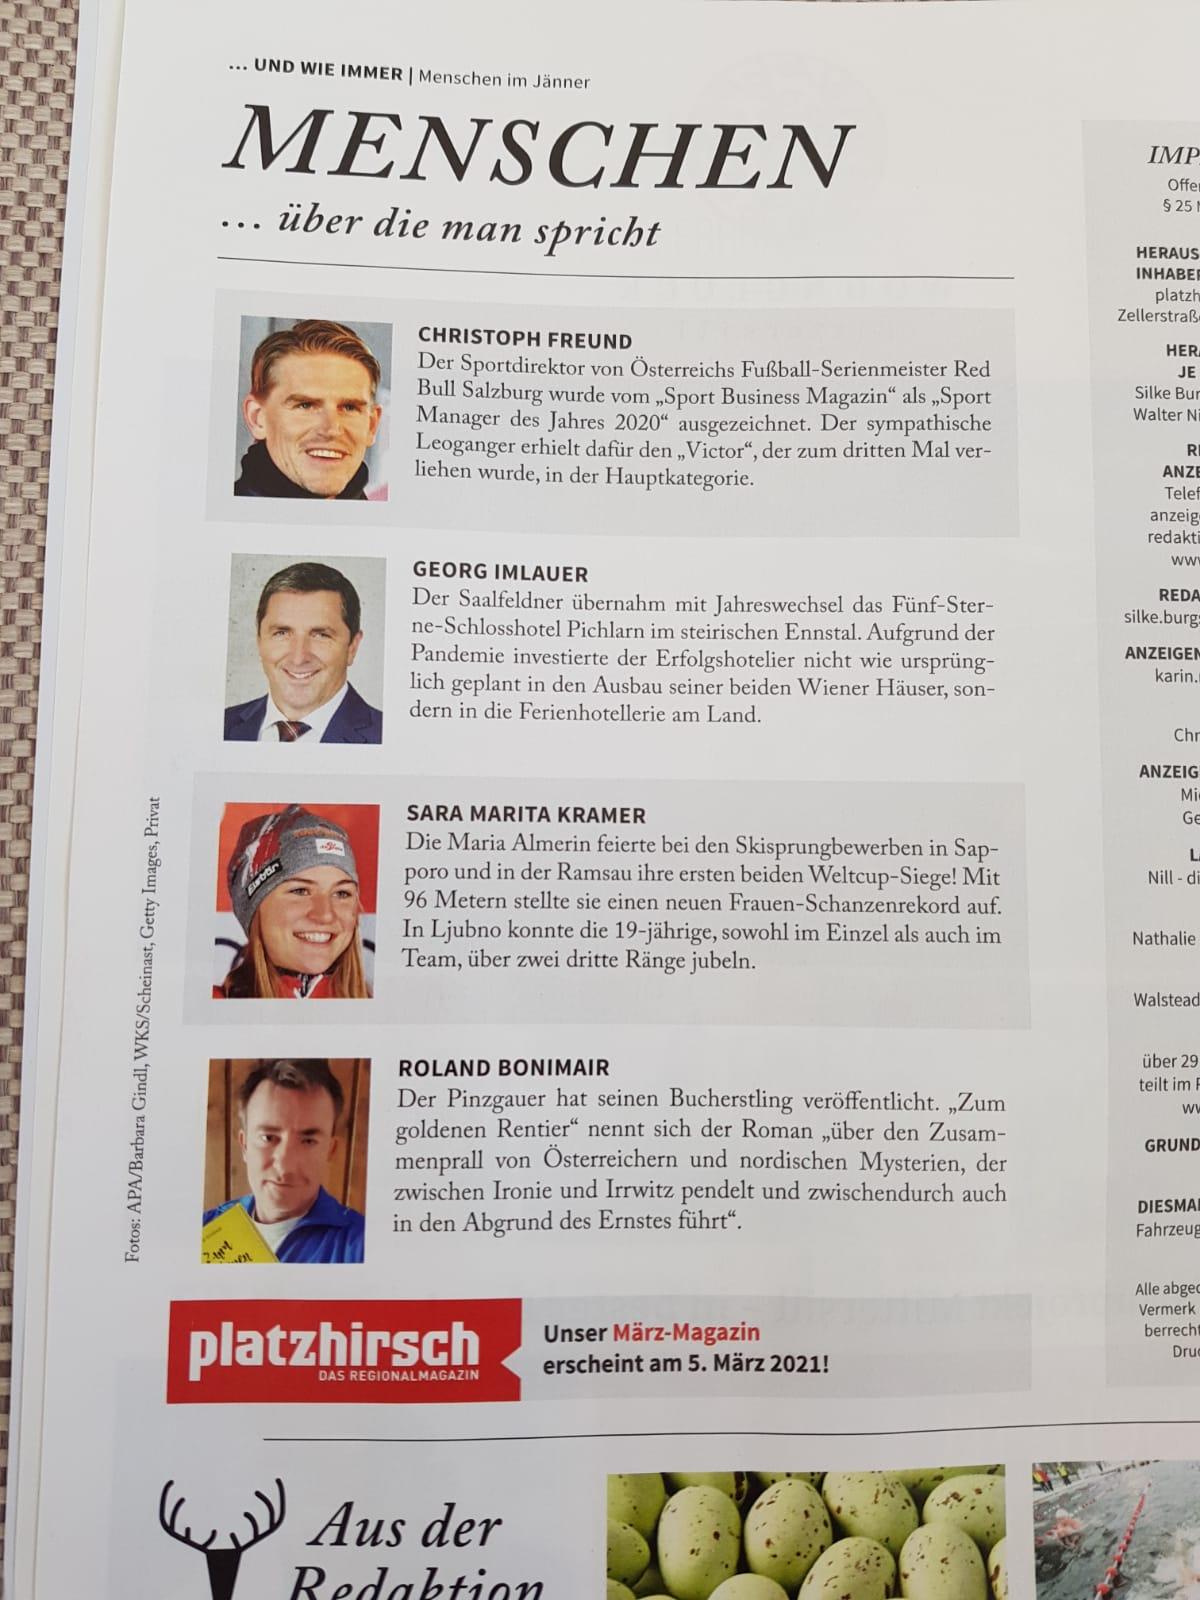 Bericht über Roland Bonimair / Zum Goldenen Rentier im Pinzgauer Platzhirsch vom Februar 2021